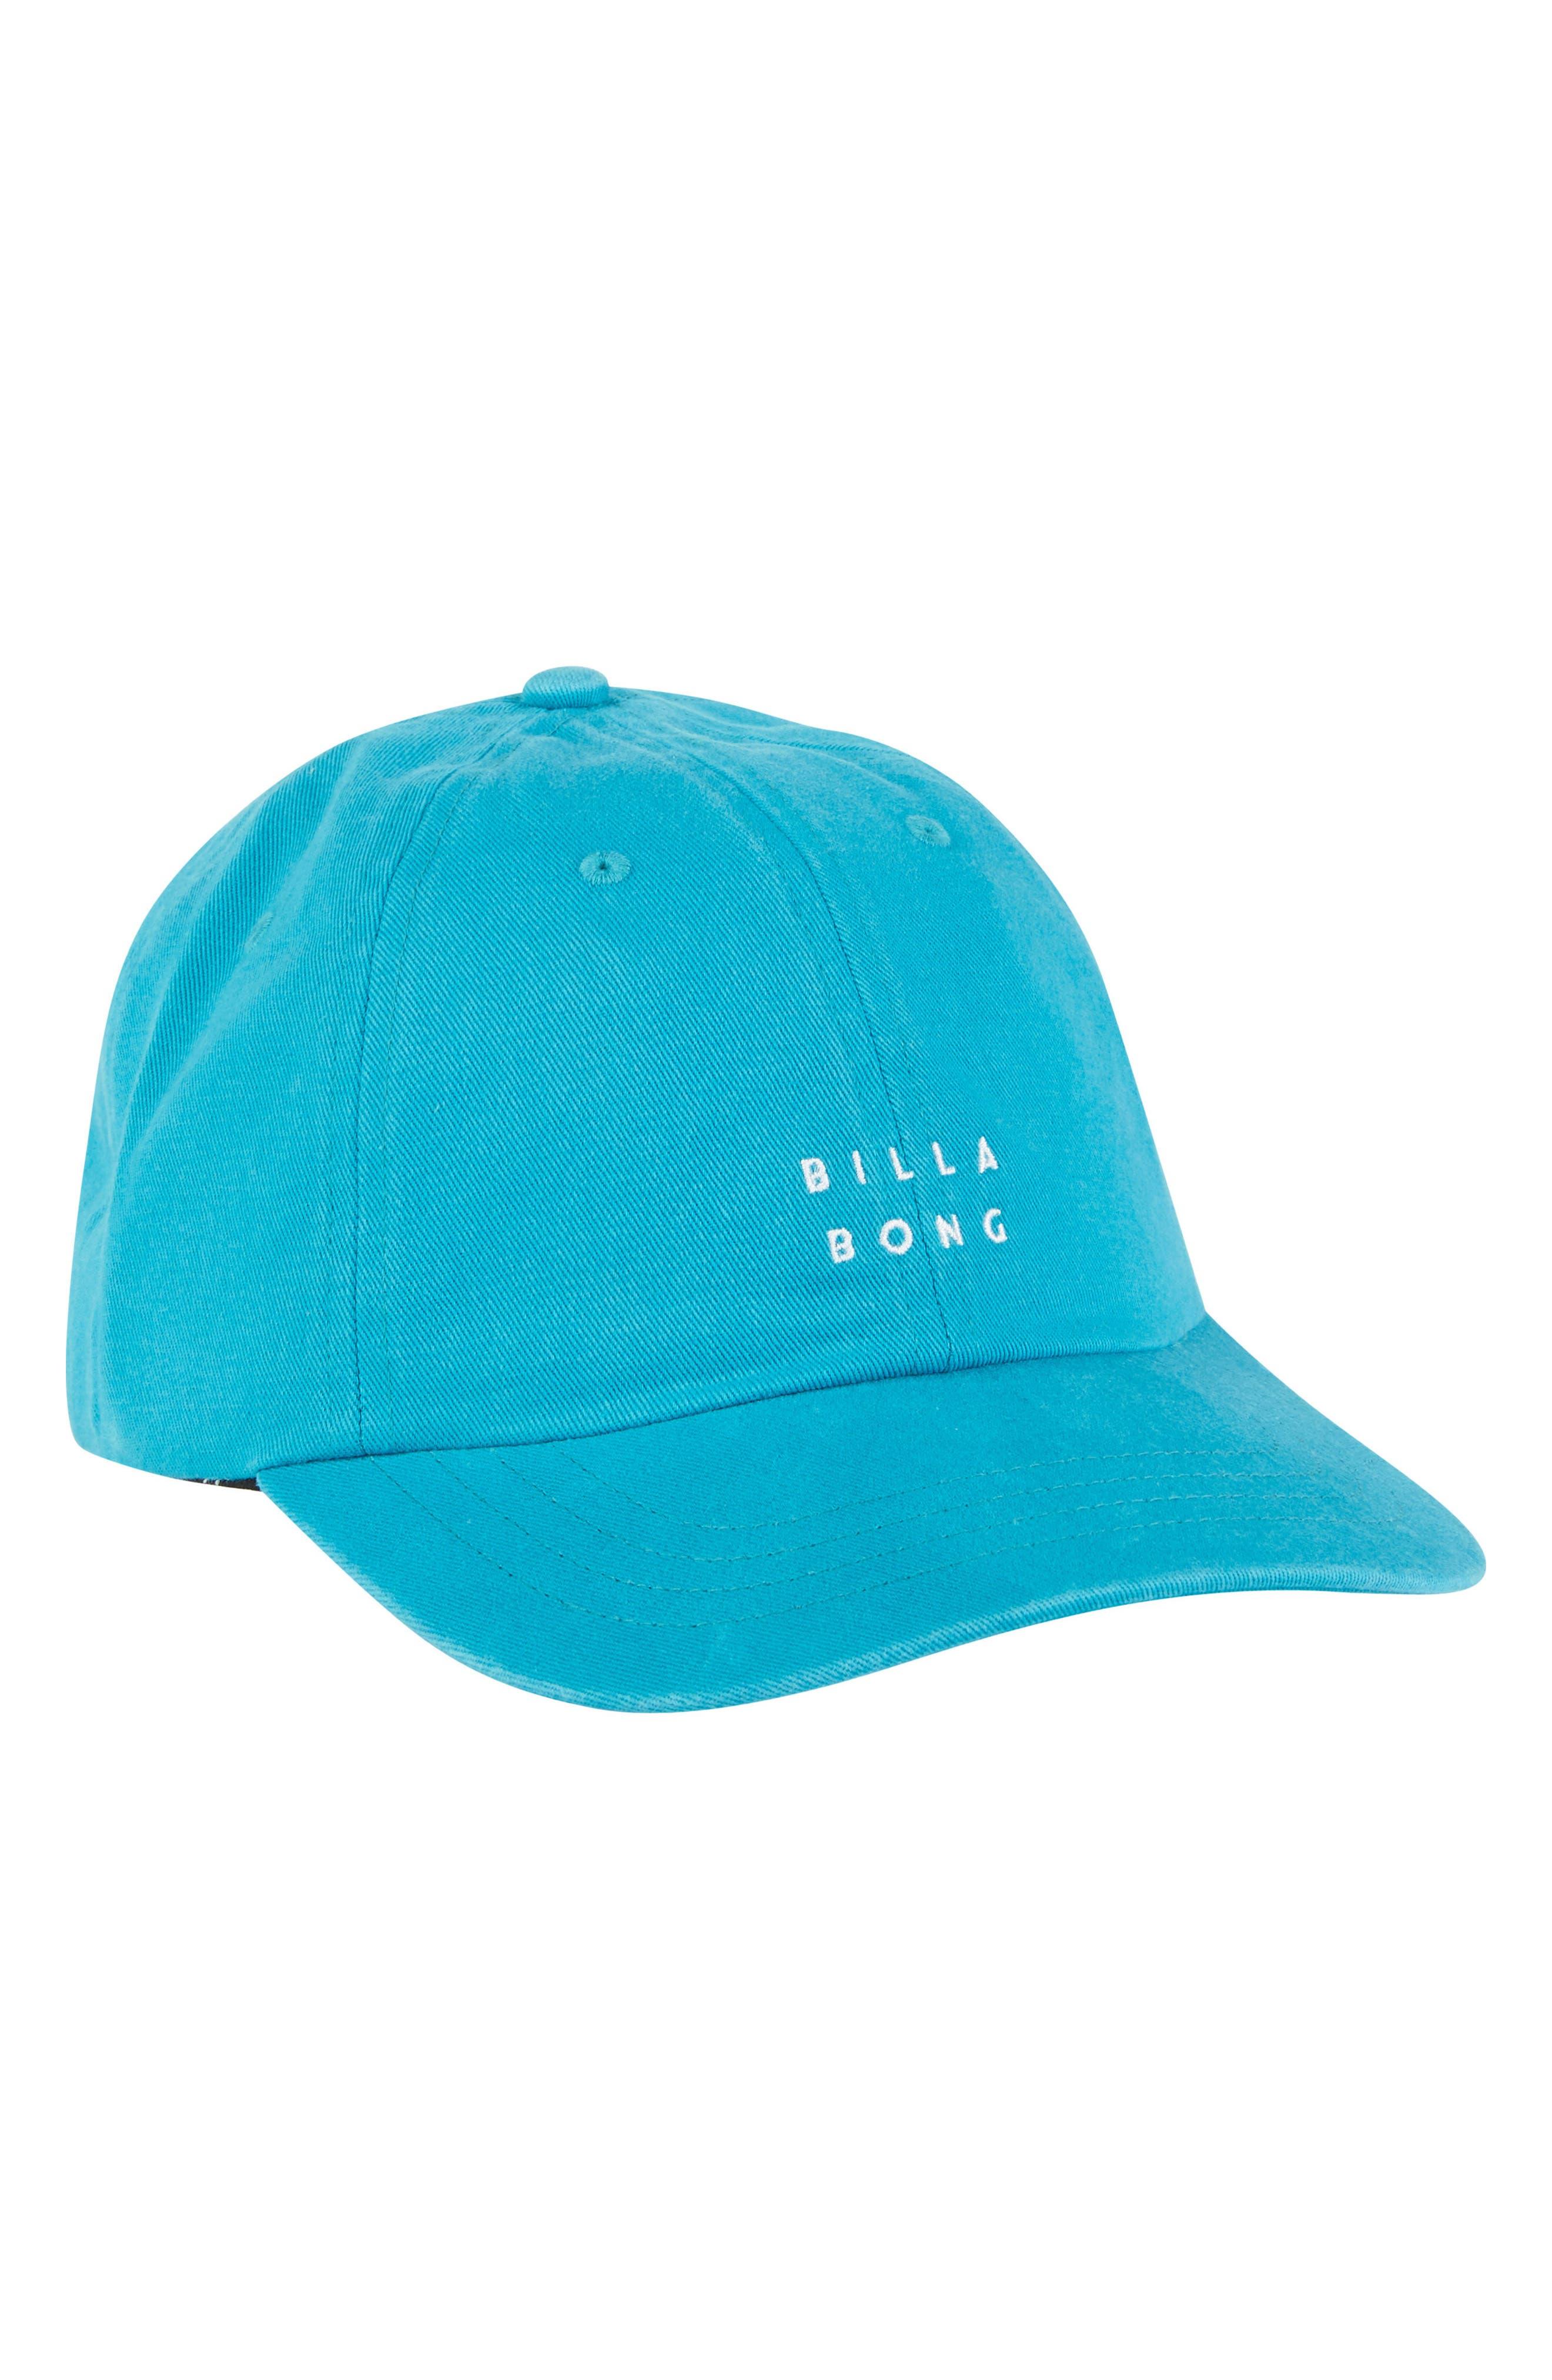 Die Cut Lad Hat,                             Alternate thumbnail 4, color,                             Turquoise